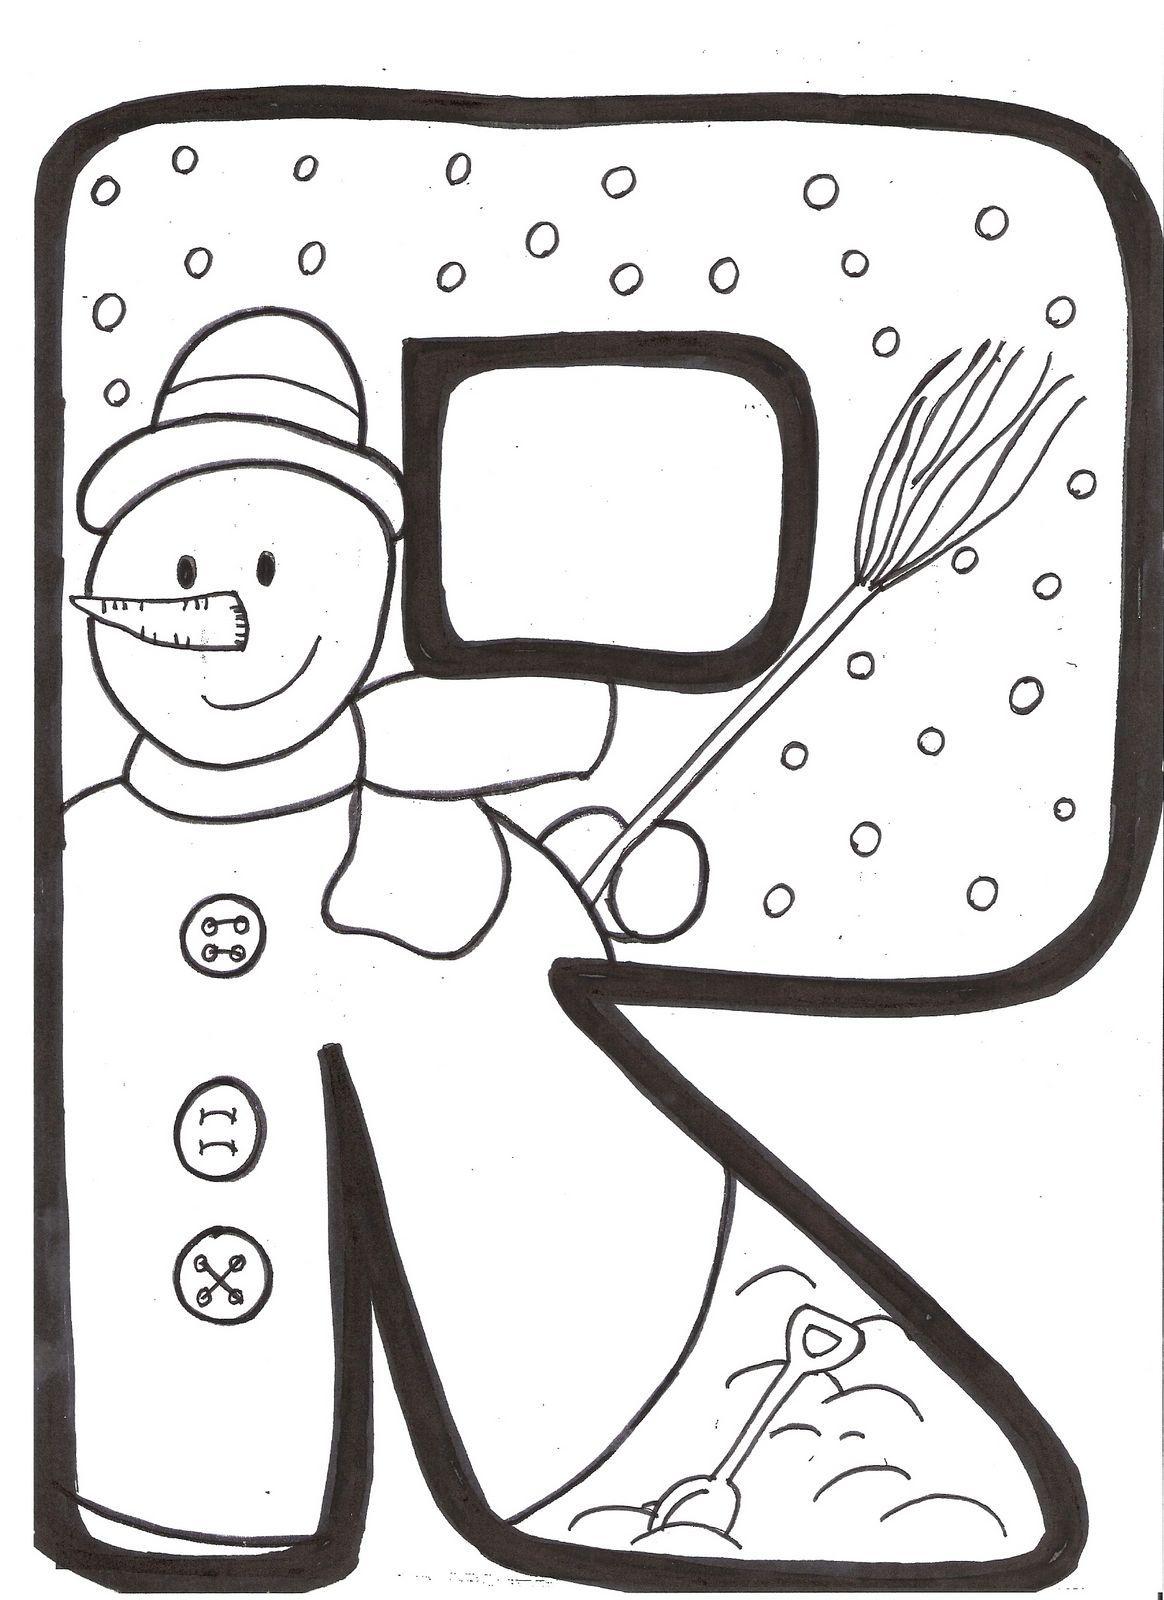 letras del invierno para imprimir   Buscar con Google | Cosas para